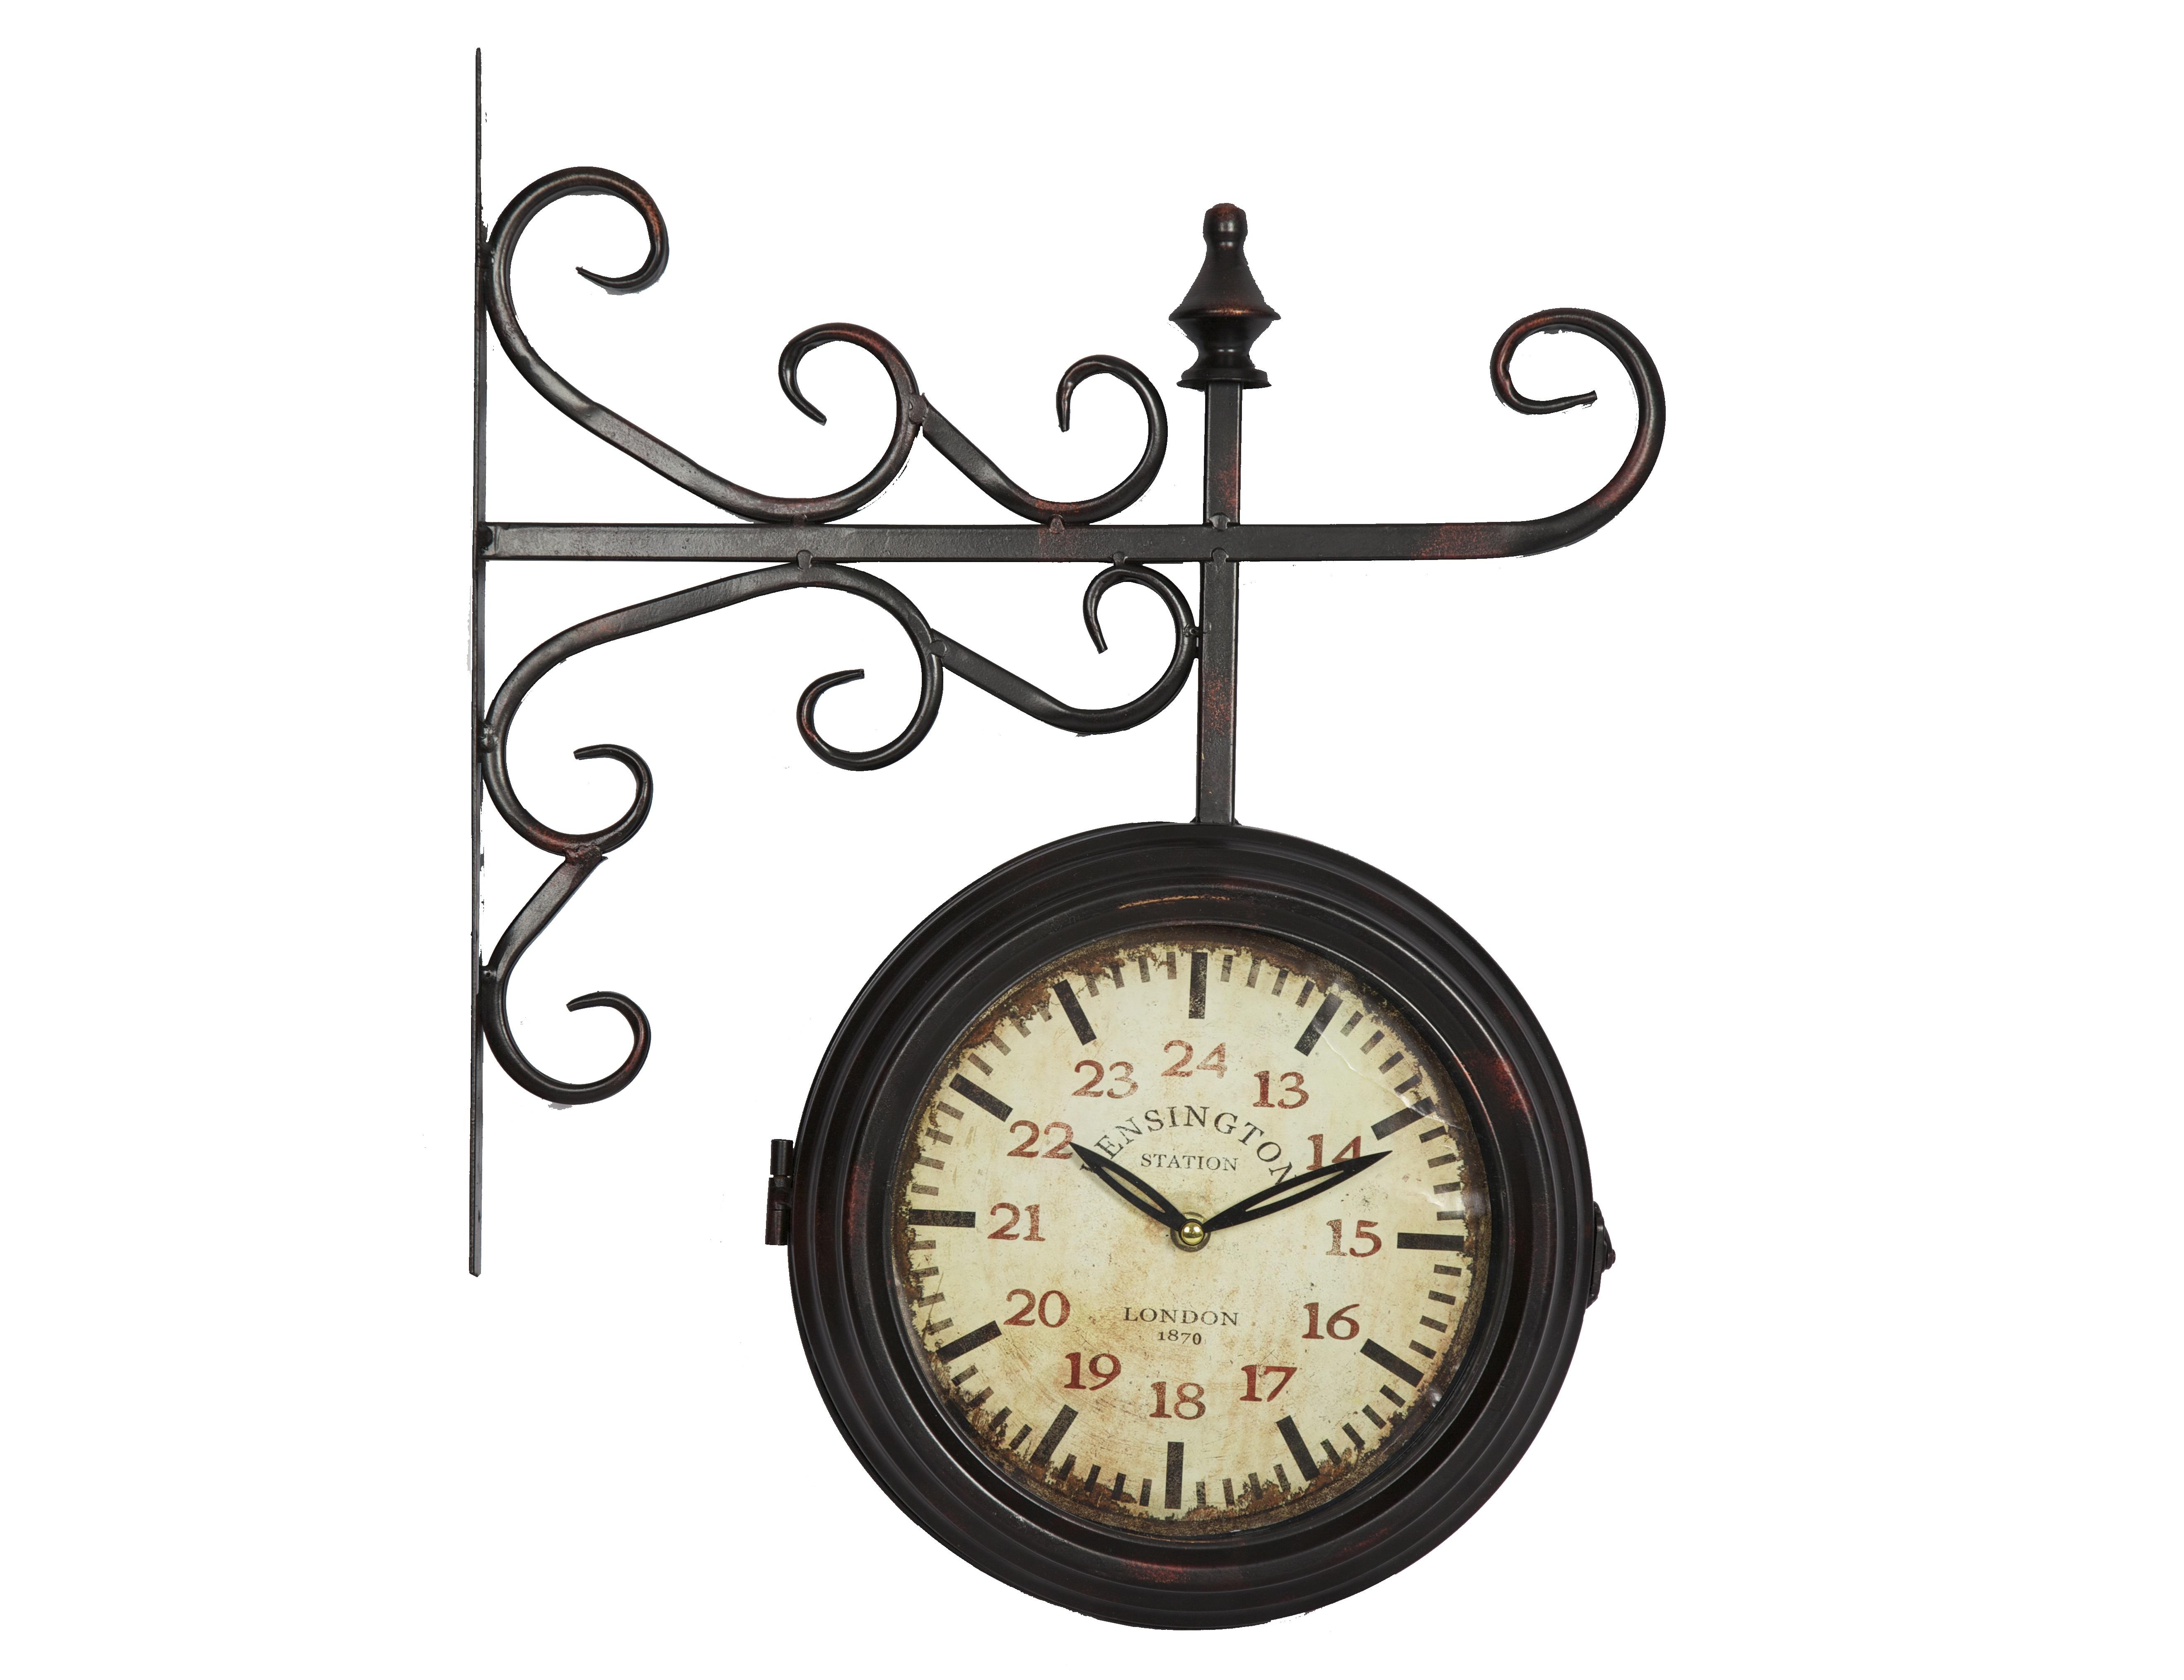 Часы KensingtonНастенные часы<br>Батарейки типа AА.<br><br>Material: Железо<br>Length см: None<br>Width см: 40,5<br>Depth см: 15<br>Height см: None<br>Diameter см: 60